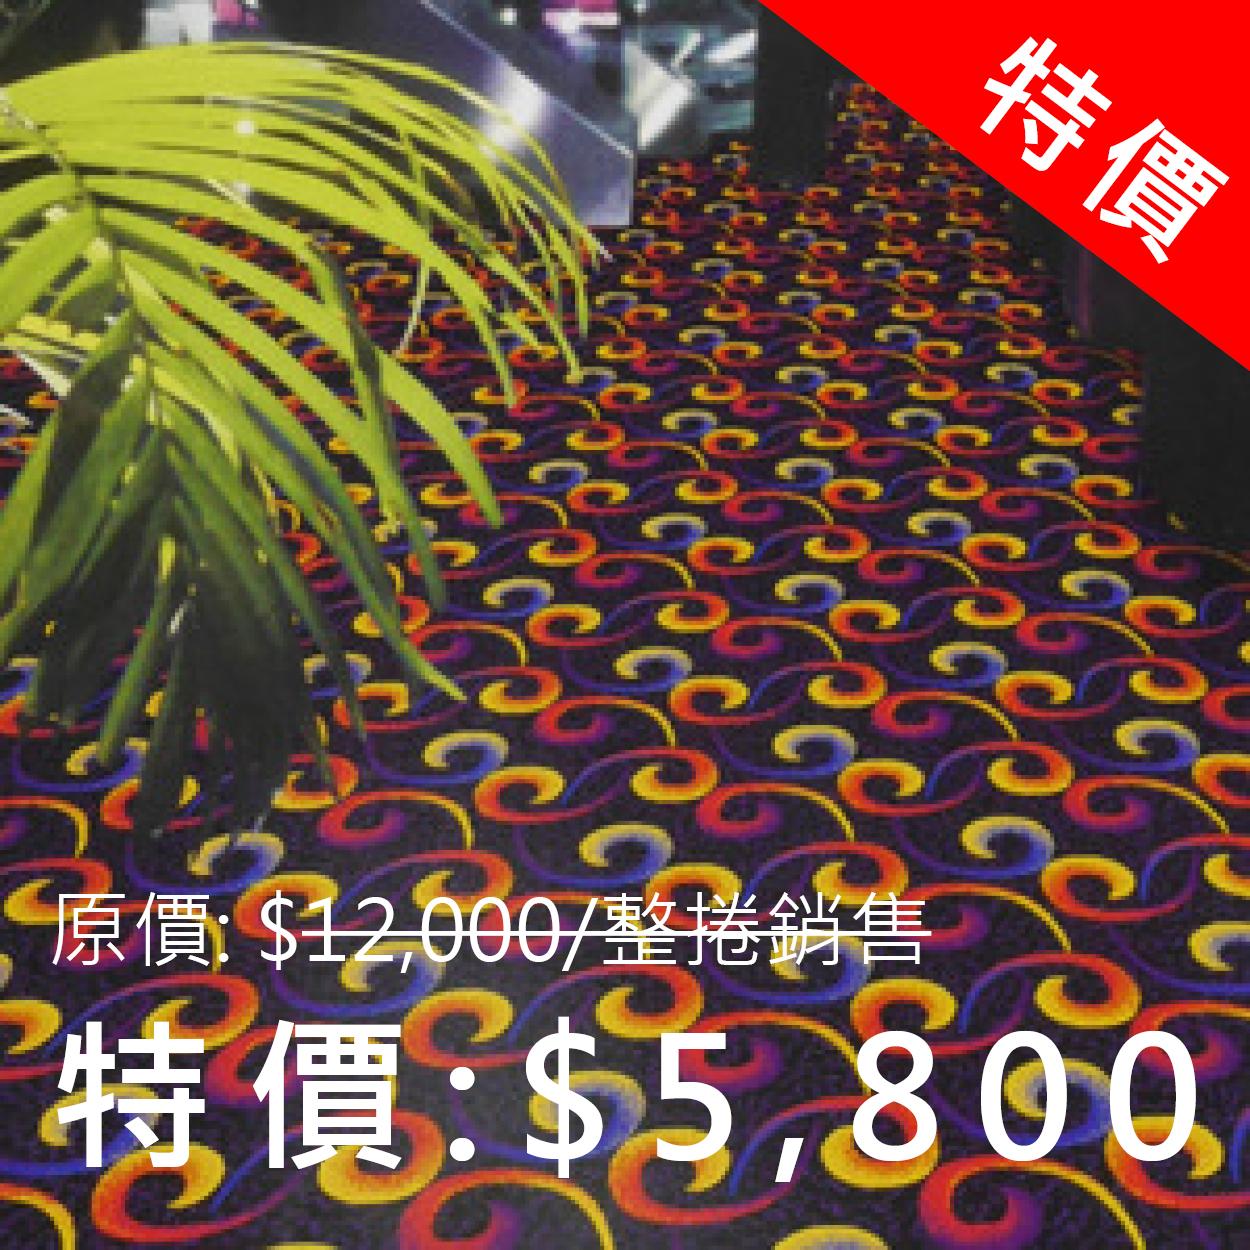 威爾頓系列  100% PP 324 x 545 cm  特價: 5,800元/整捲  (原價12,000元/整捲) *整卷銷售/不提供散剪